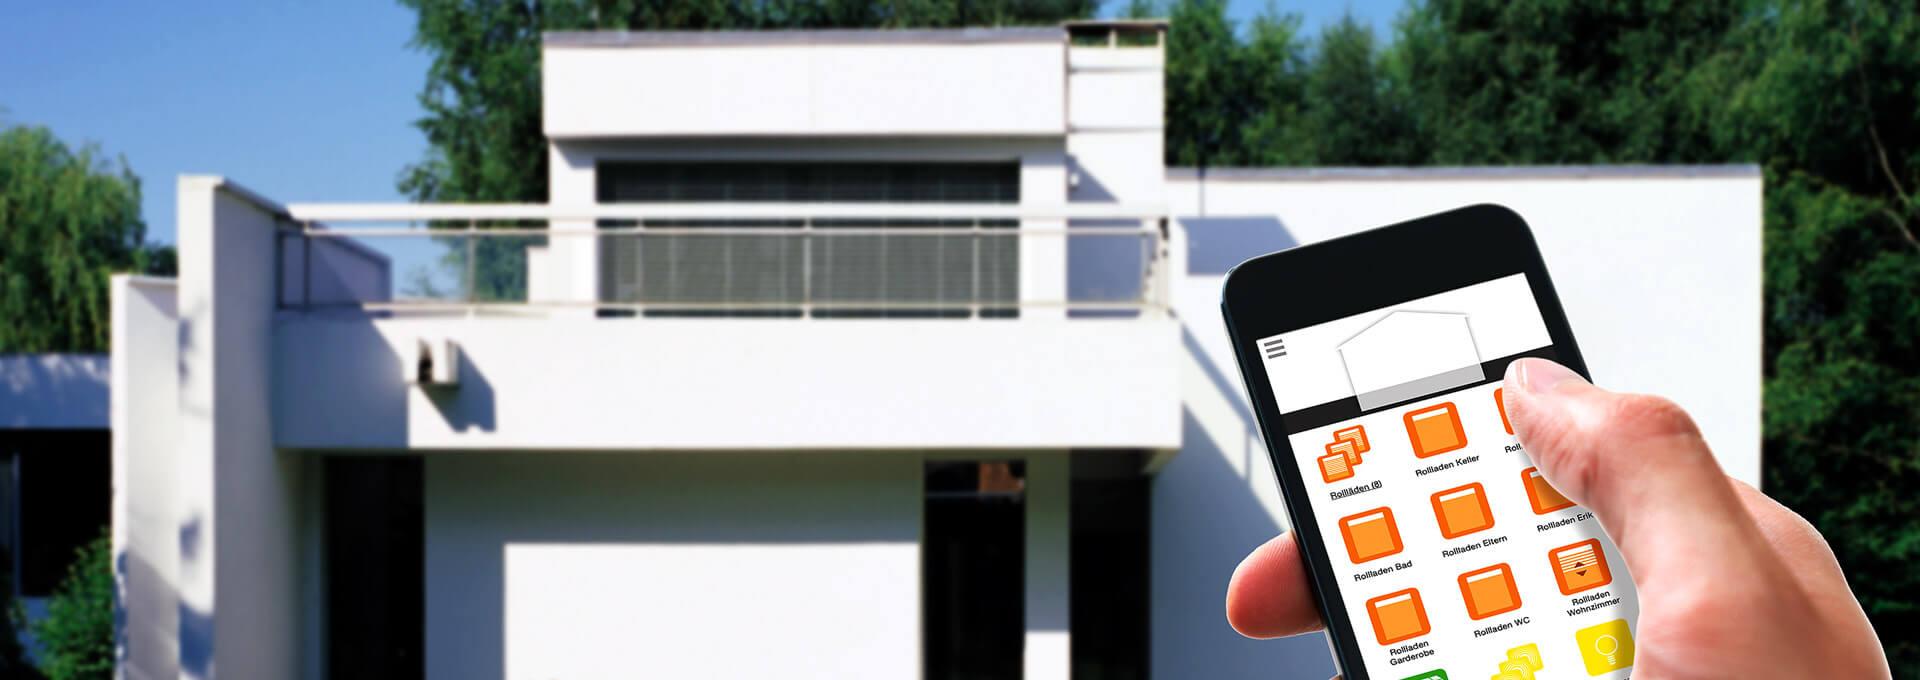 retzlaff rollladen und sonnenschutztechnik in buchholz. Black Bedroom Furniture Sets. Home Design Ideas